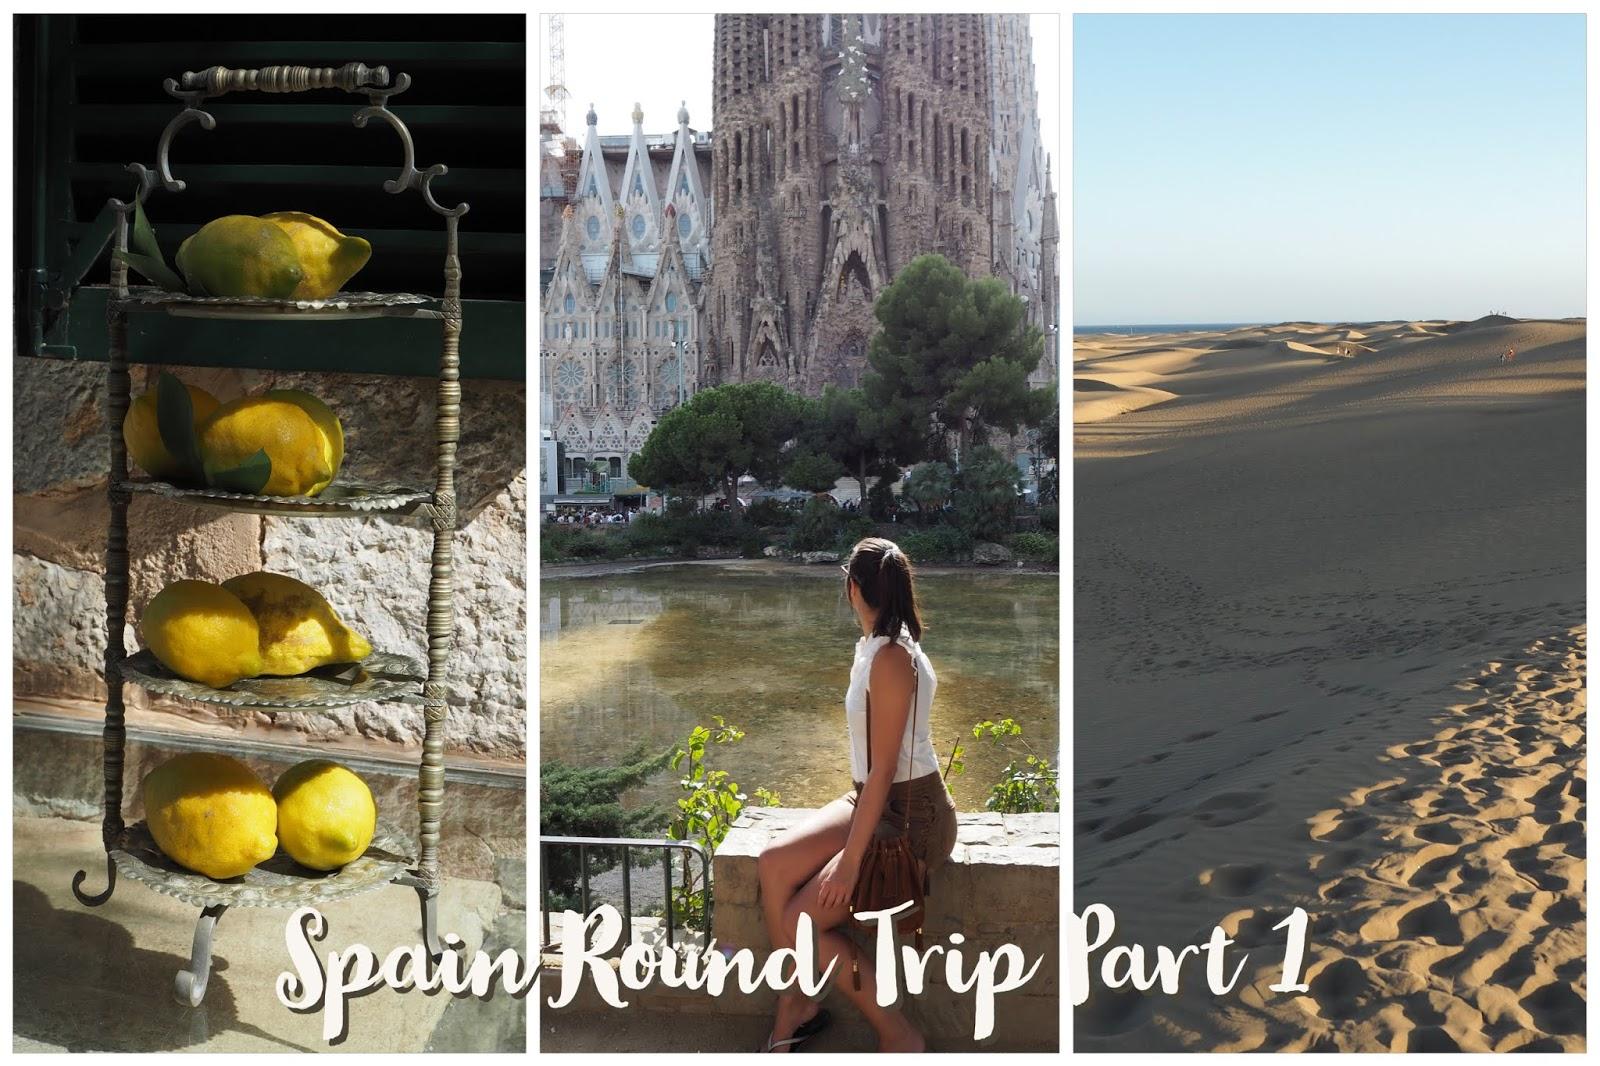 Spain Round Trip Summer Holidays